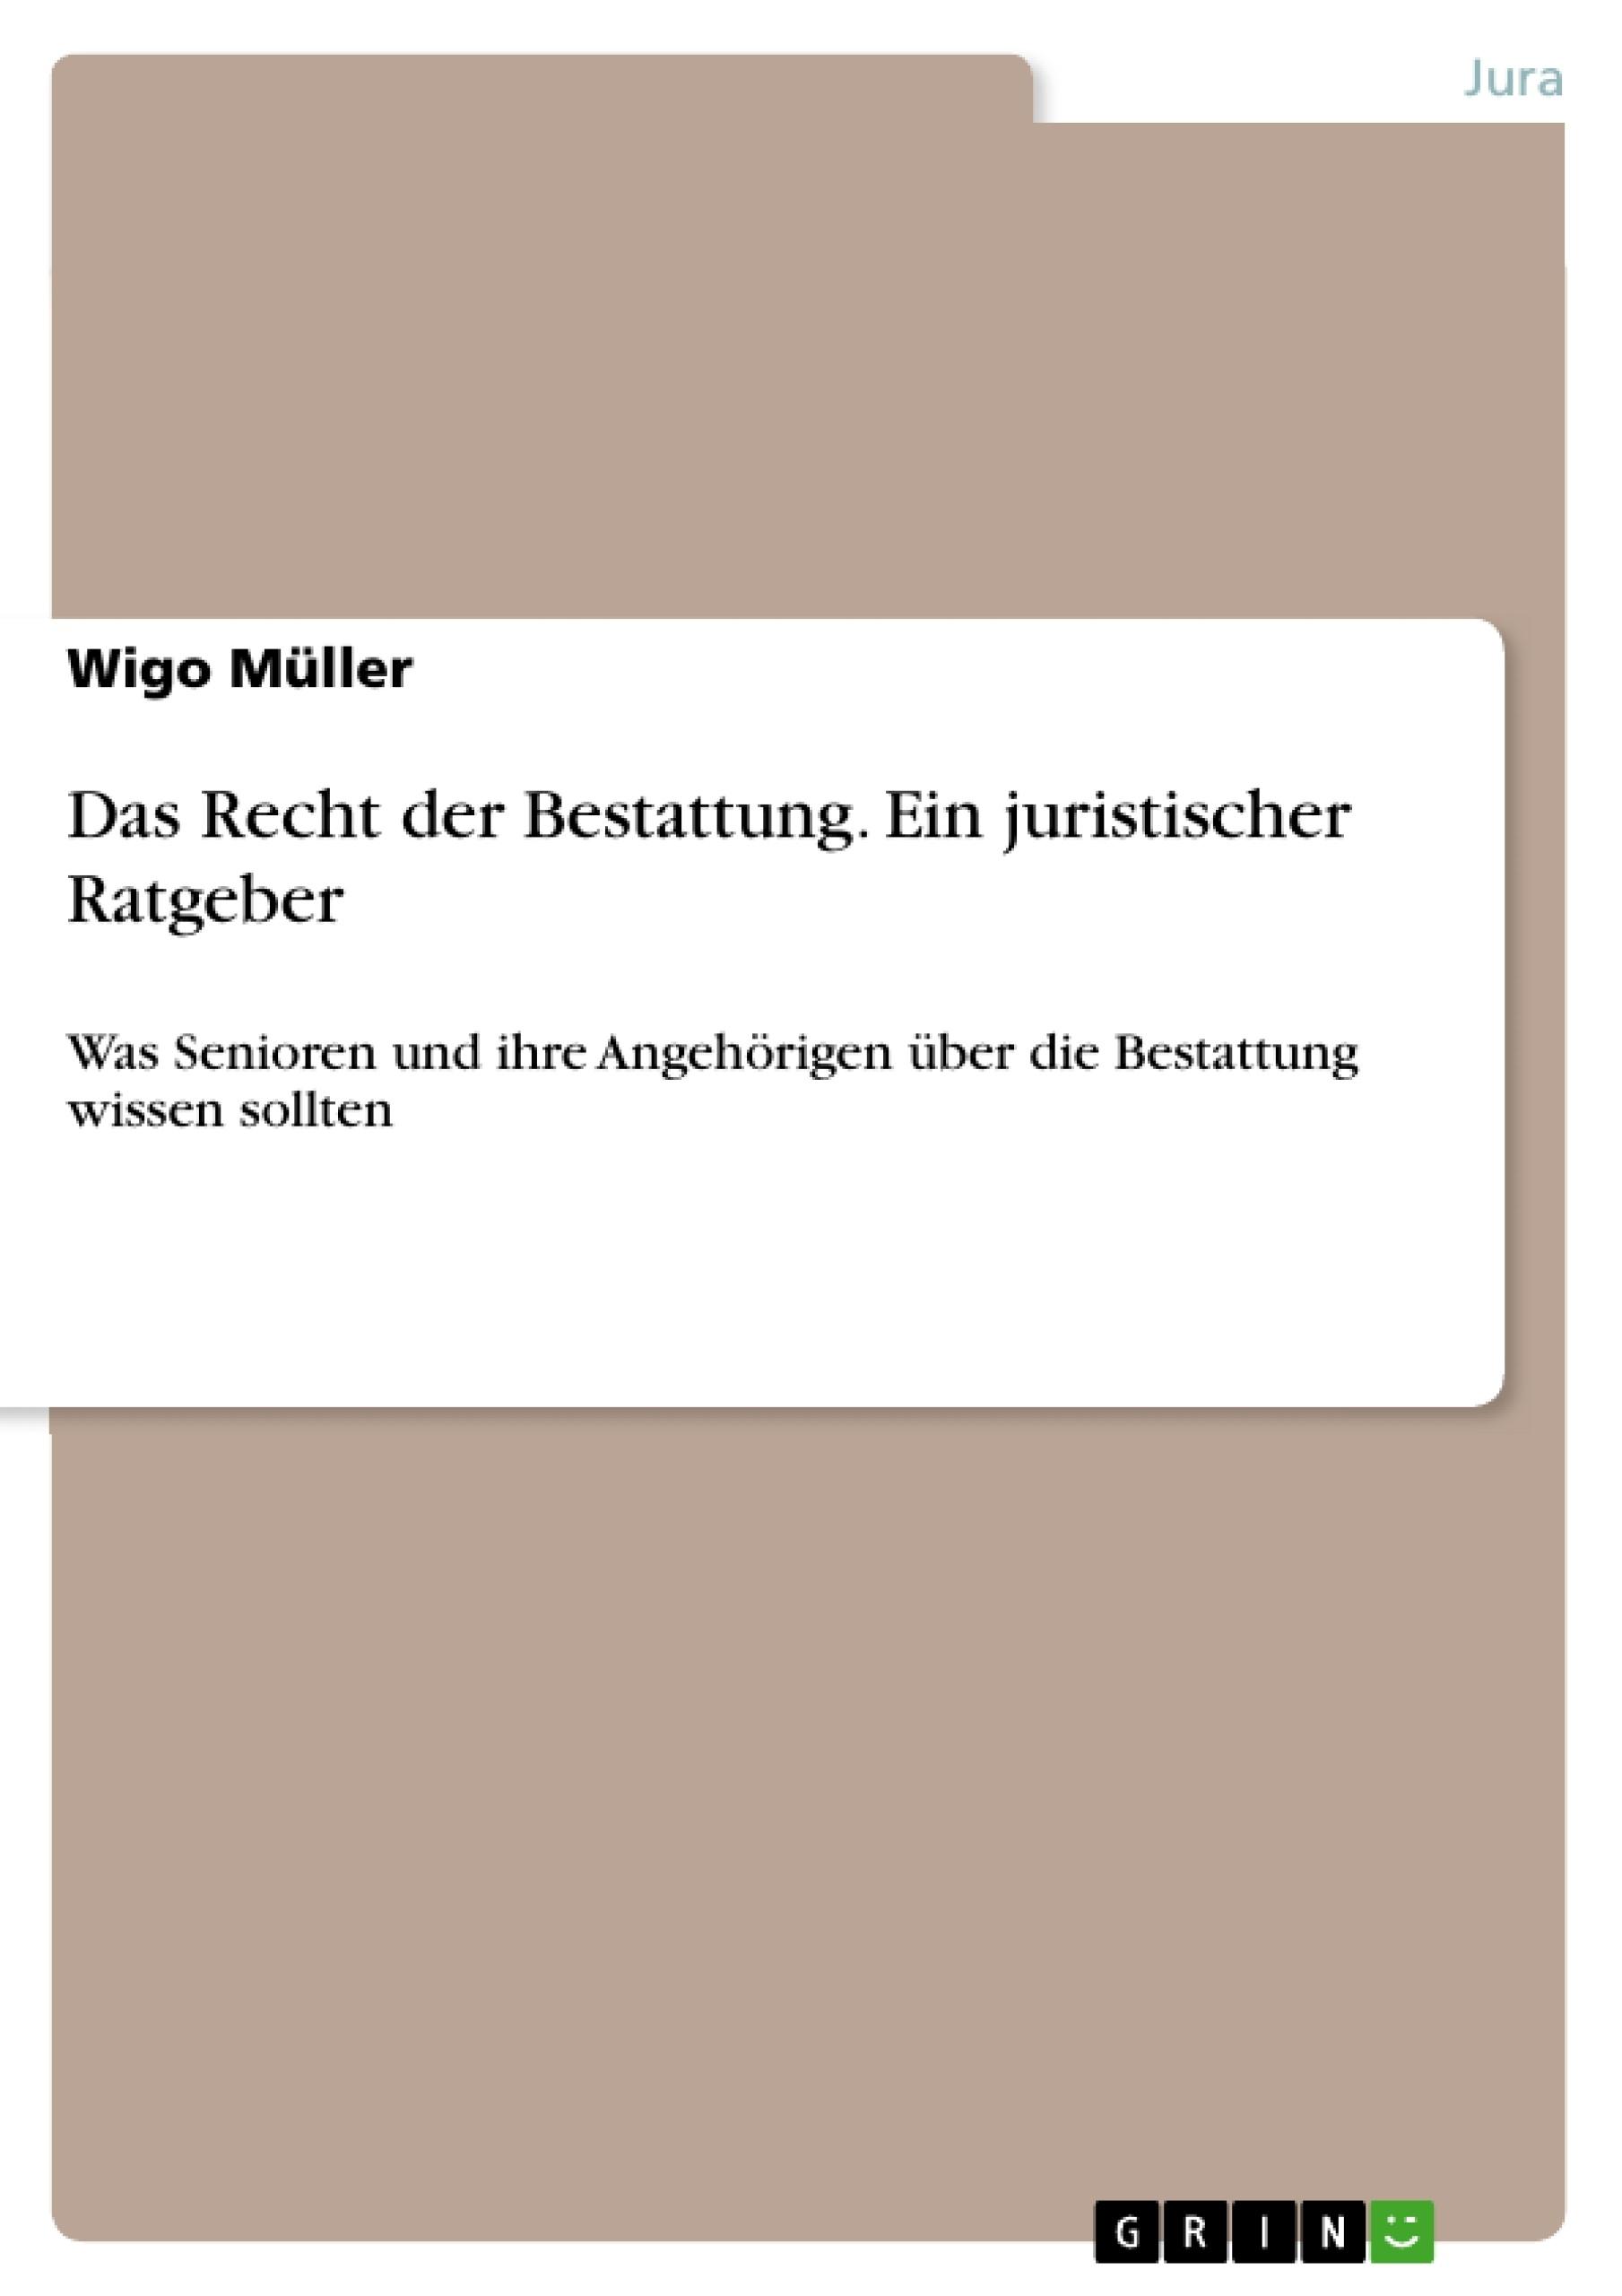 Titel: Das Recht der Bestattung. Ein juristischer Ratgeber